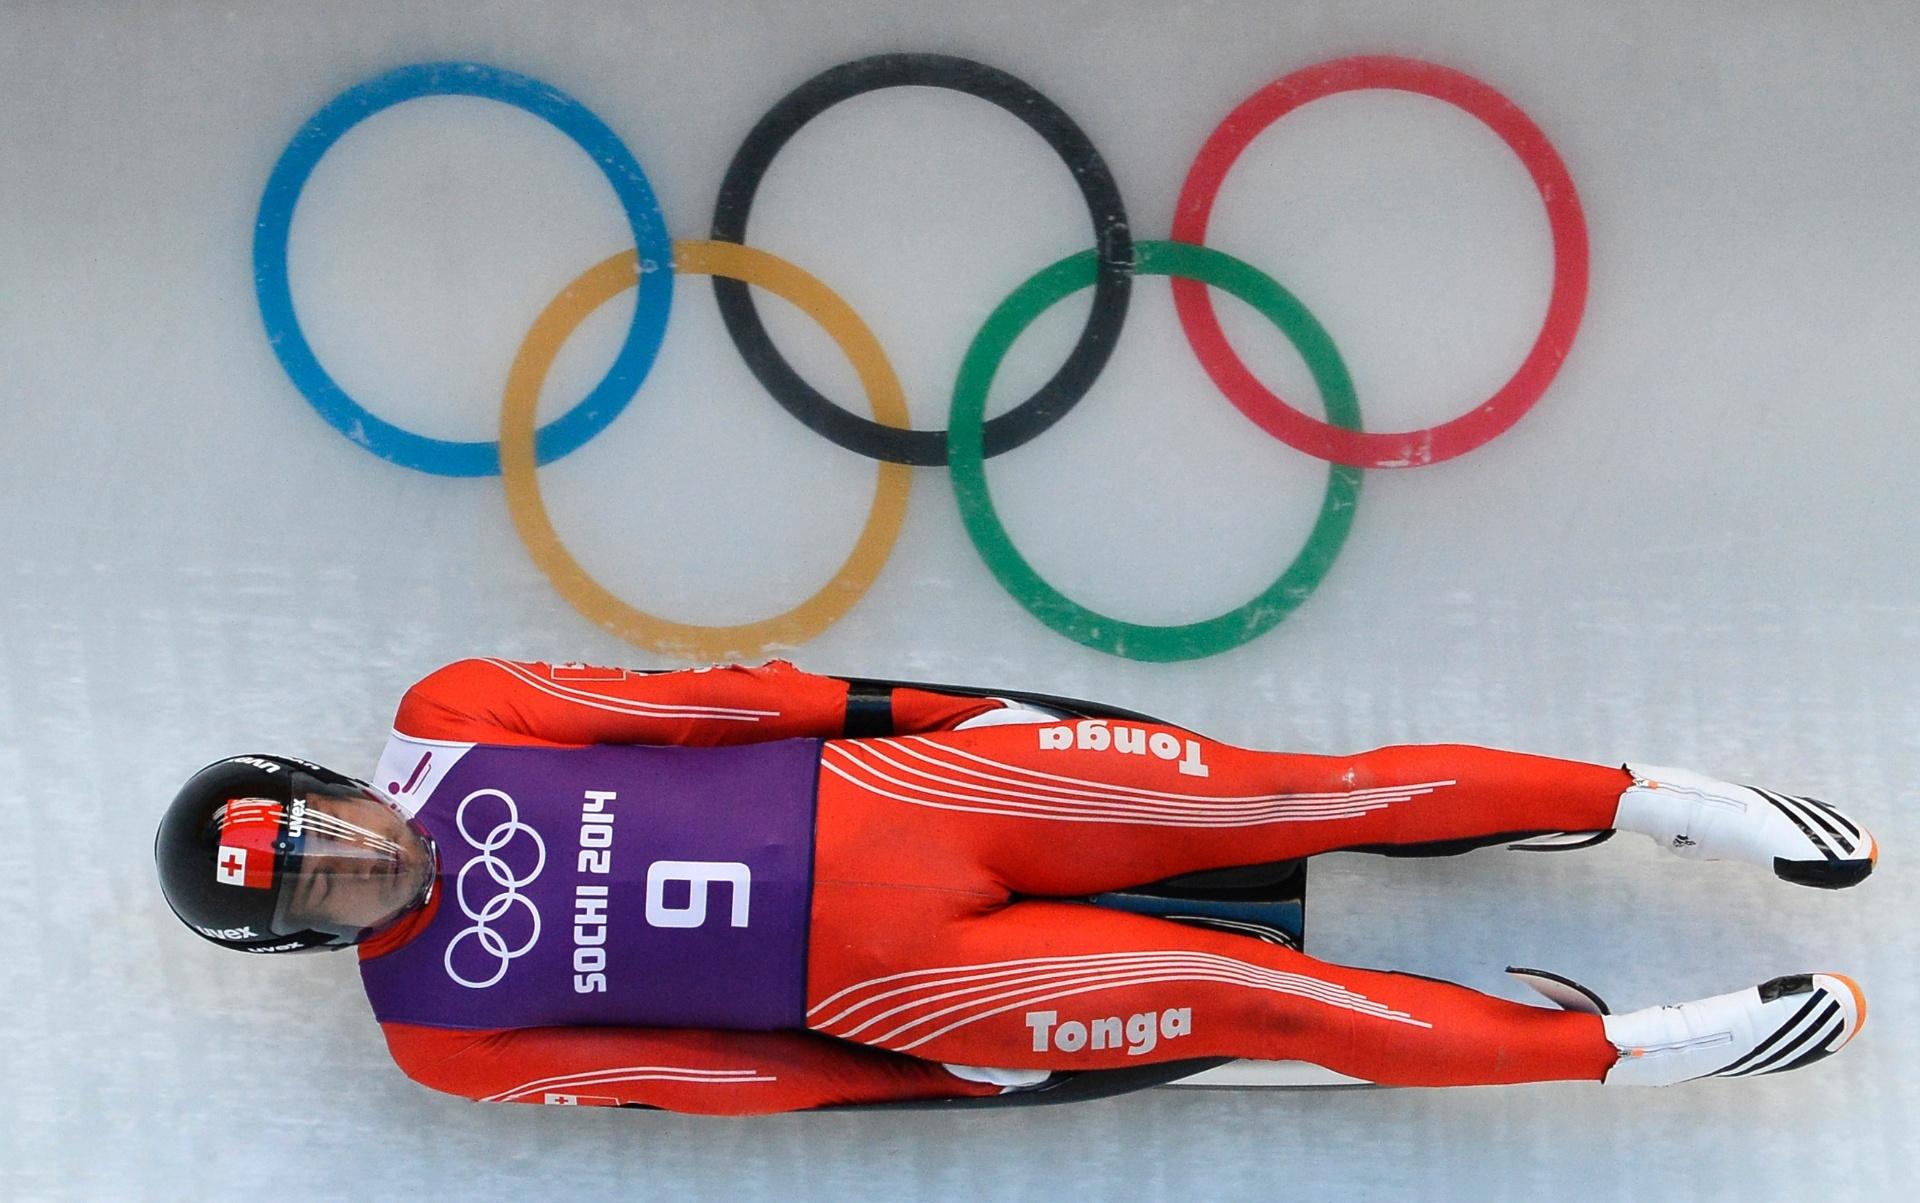 Bruno Banani, de Tonga, treina para disputar o Luge nos Jogos Olímpicos de Inverno